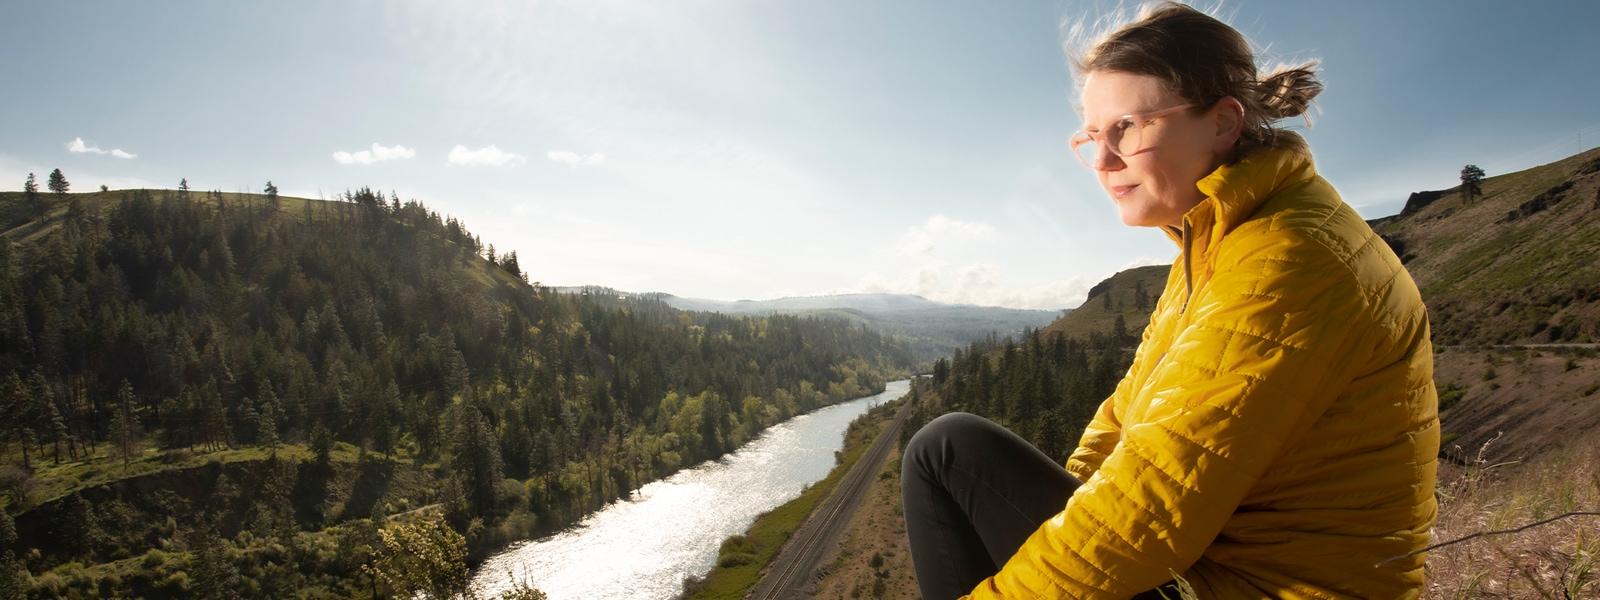 Jenny Lay-Flurrie sentada no topo de uma colina